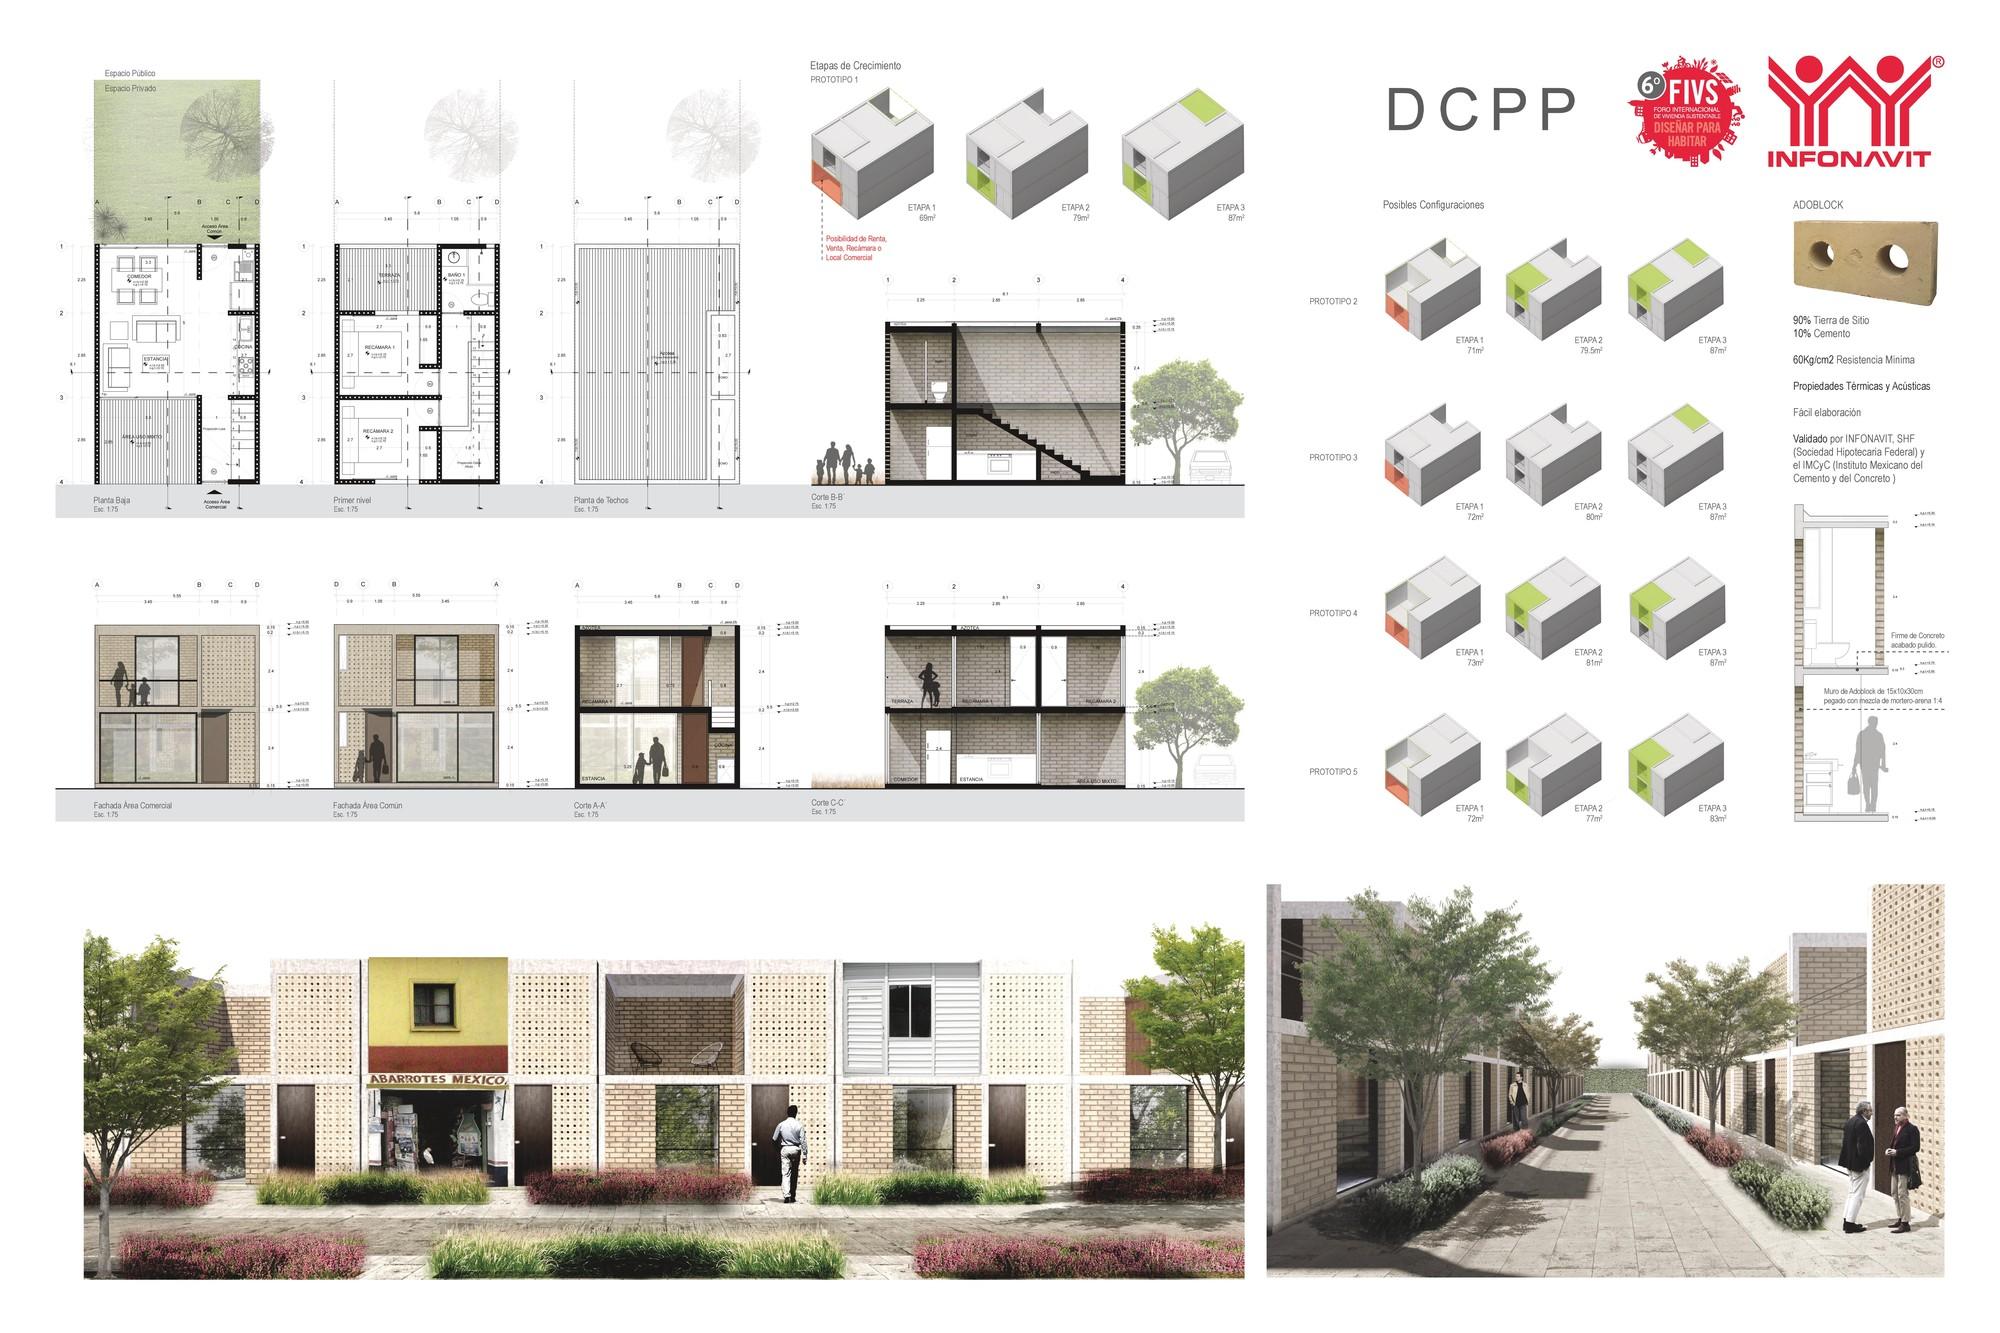 Vivienda unifamiliar regional 32 entidades 32 for Tecnicas de representacion arquitectonica pdf